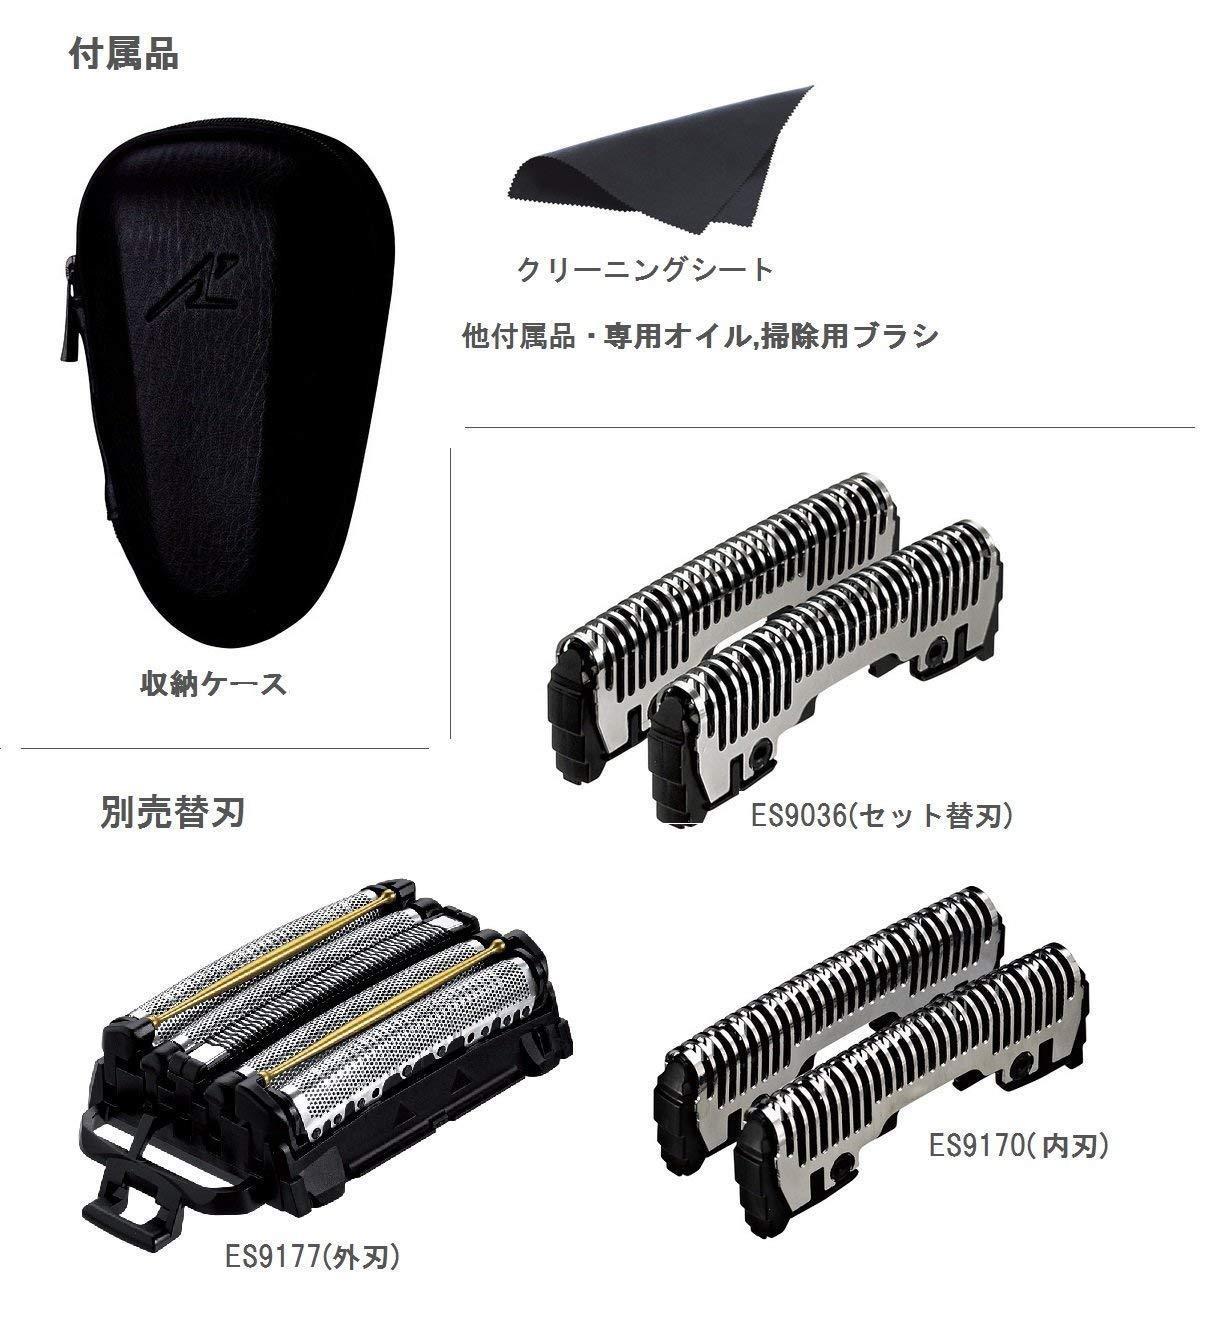 嘉頓國際 國際牌 PANASONIC 日本製【ES-CV70】三段電量顯示 五刀片  國際電壓 電鬍刀 水洗 4